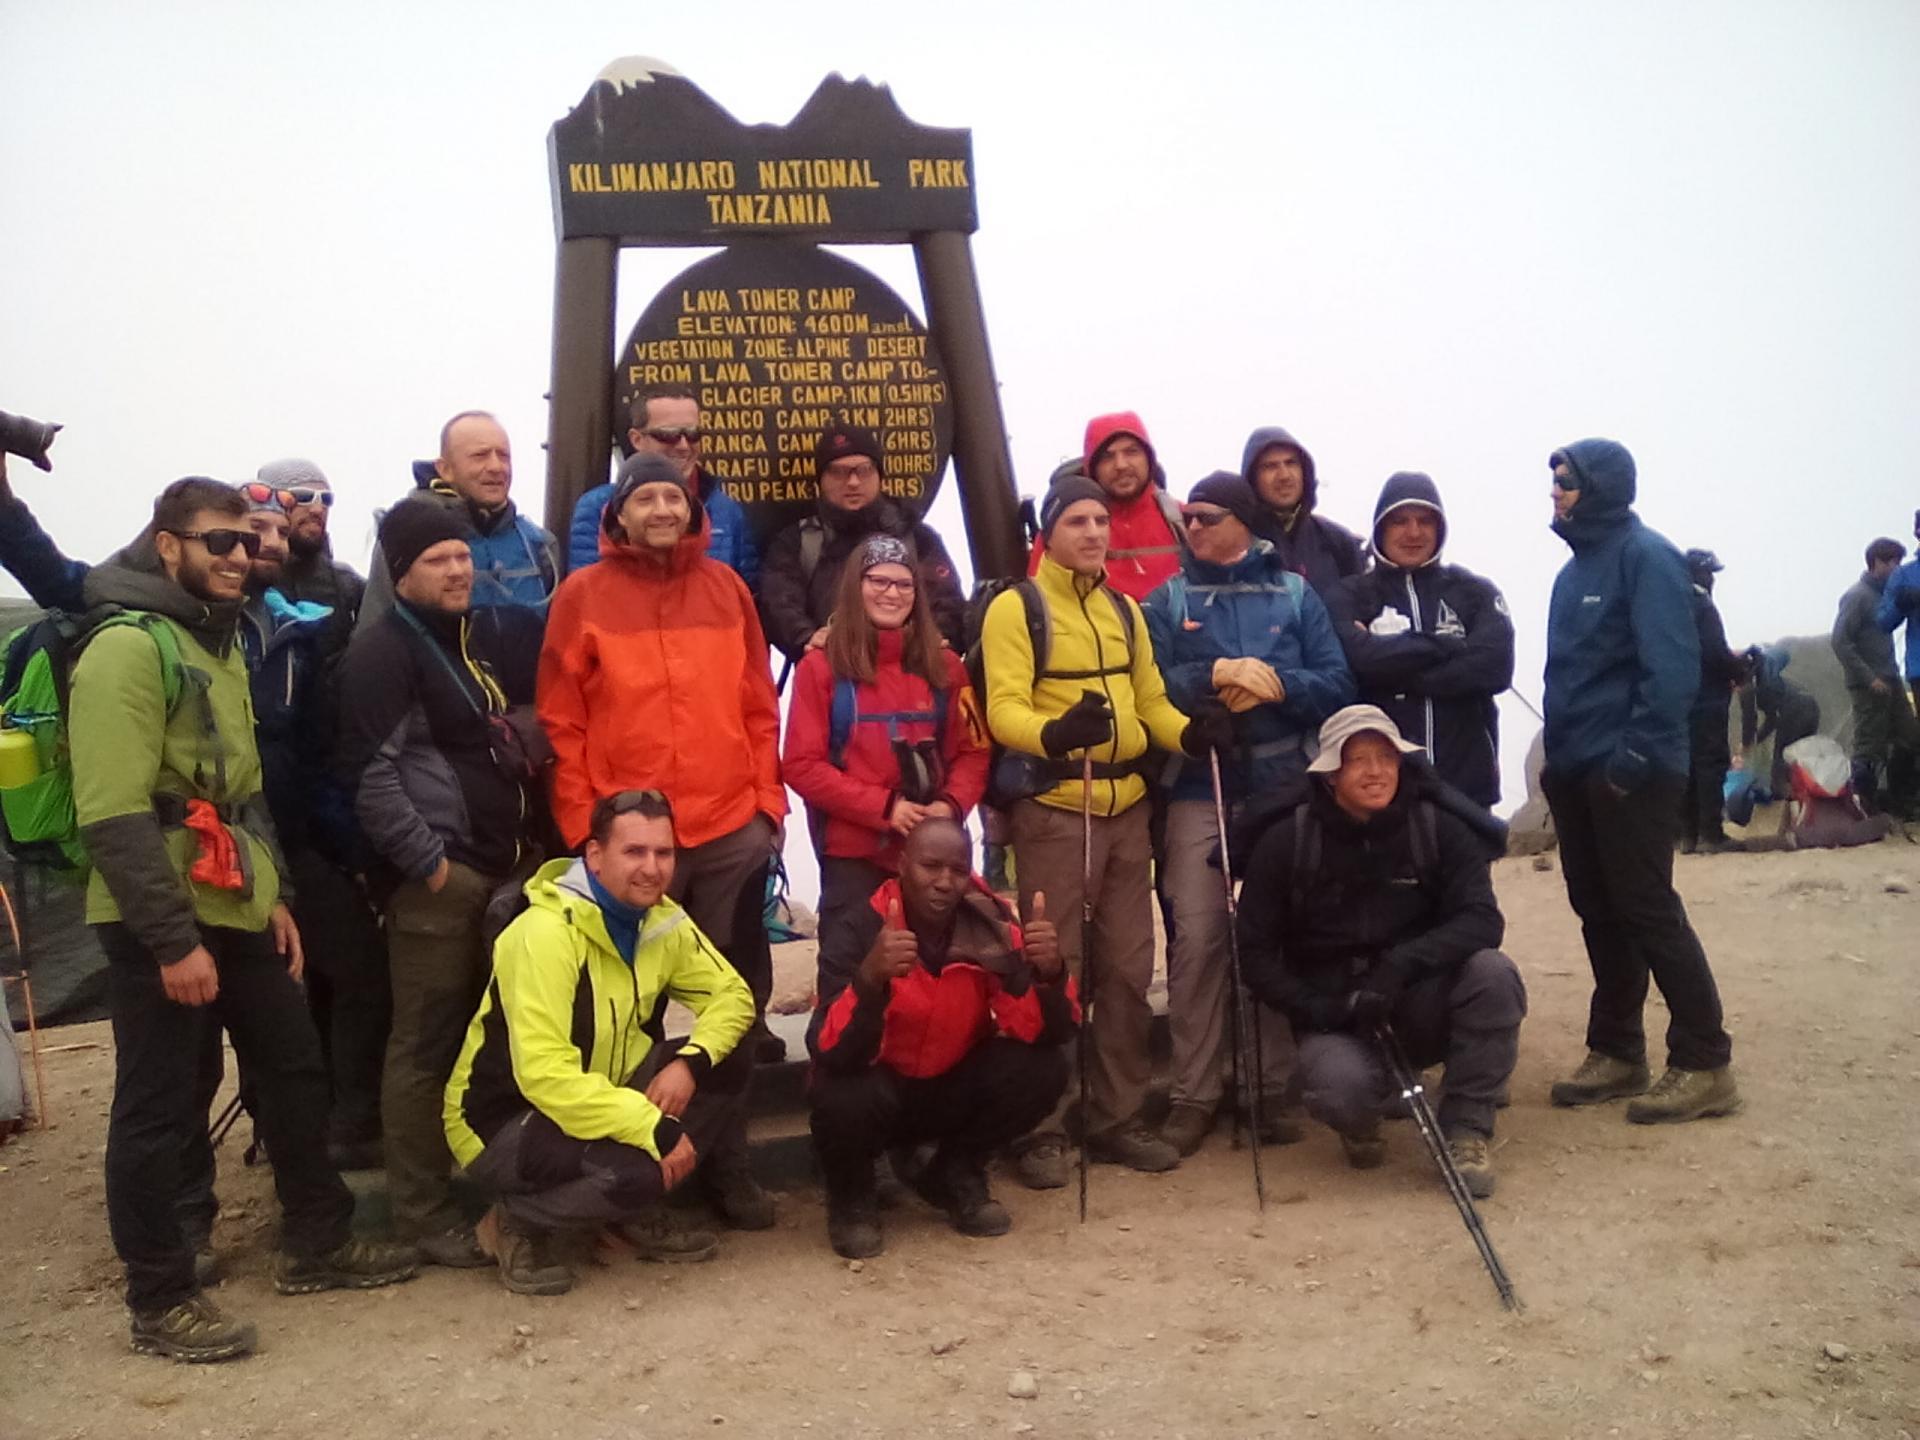 YHA Kenya Travel, Kilimanjaro,Small Group Adventures,climbing Kilimanjaro,climbing mount Kilimanjaro